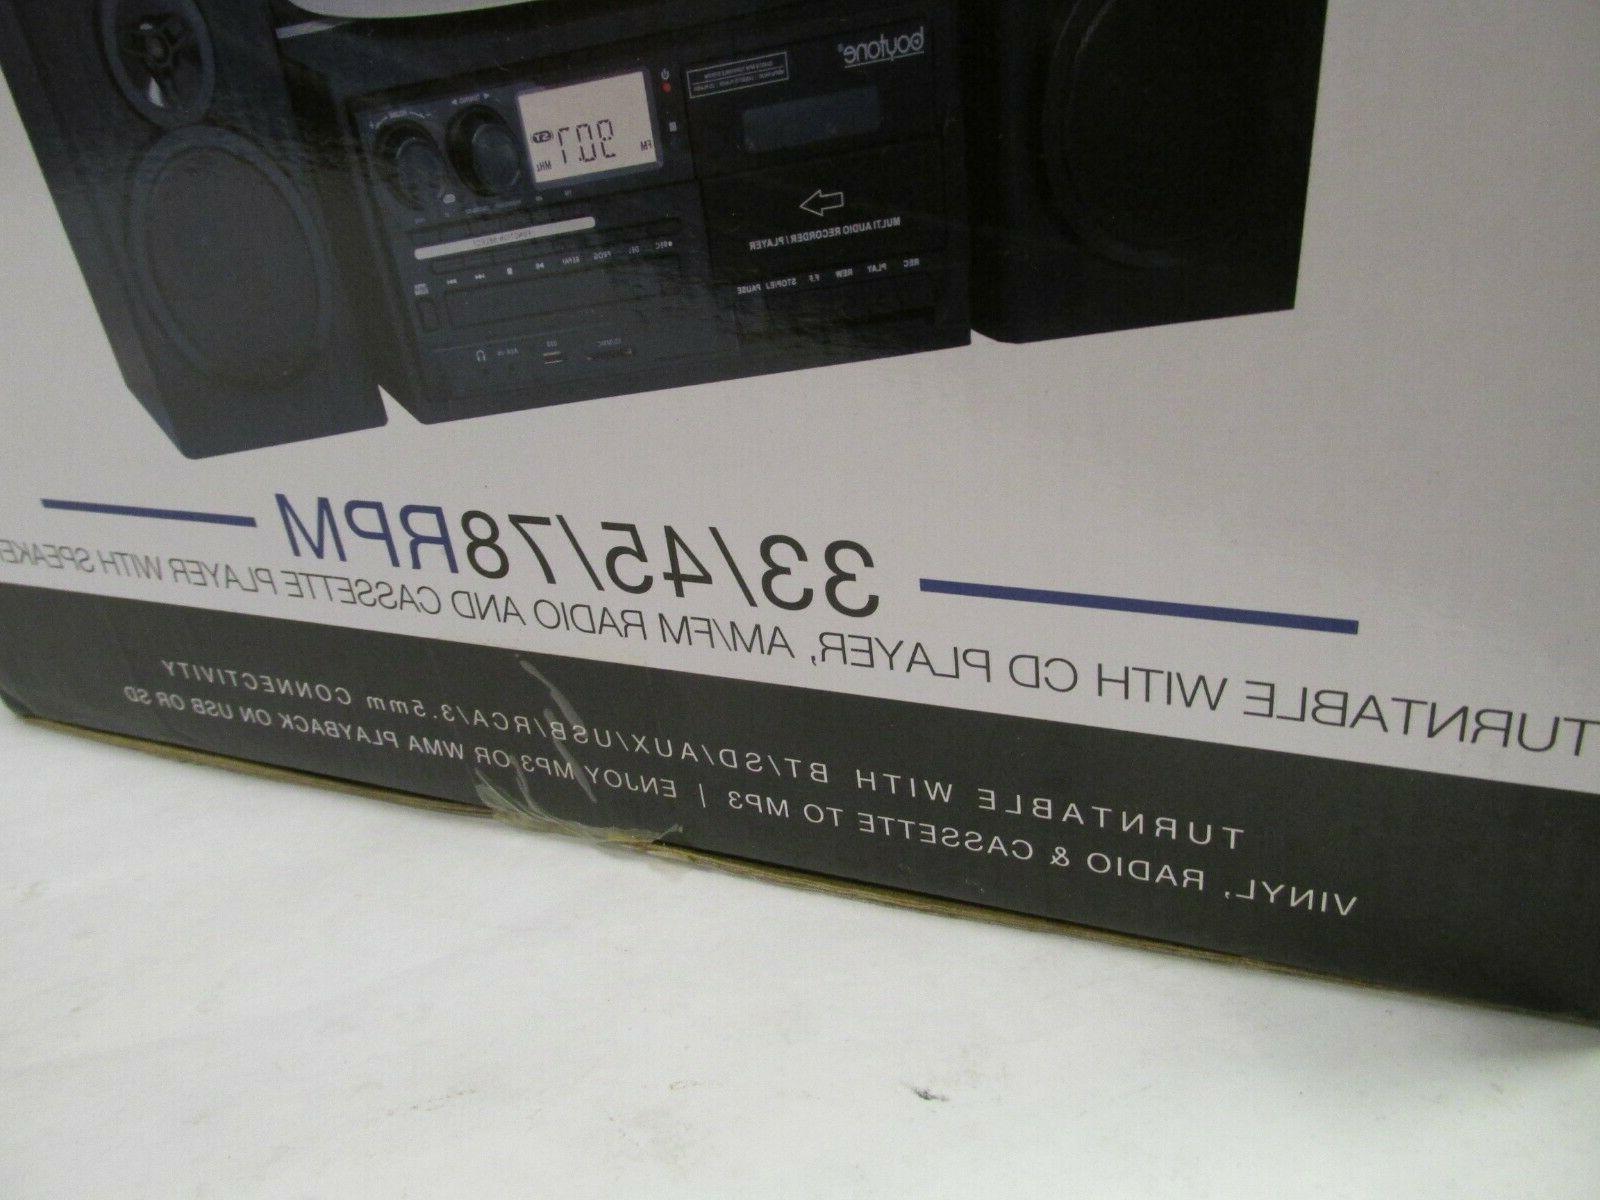 Boytone Turntable Stereo System CD Cassette Black NEW